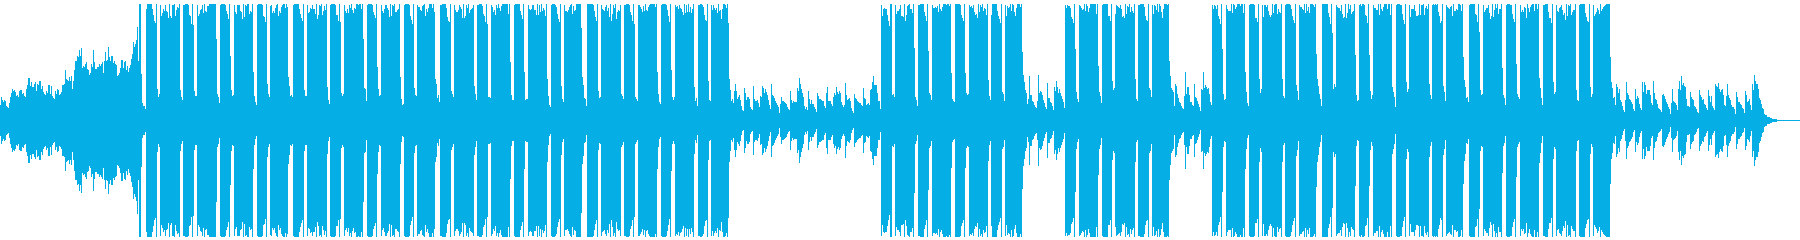 ホラートラップビートの再生済みの波形